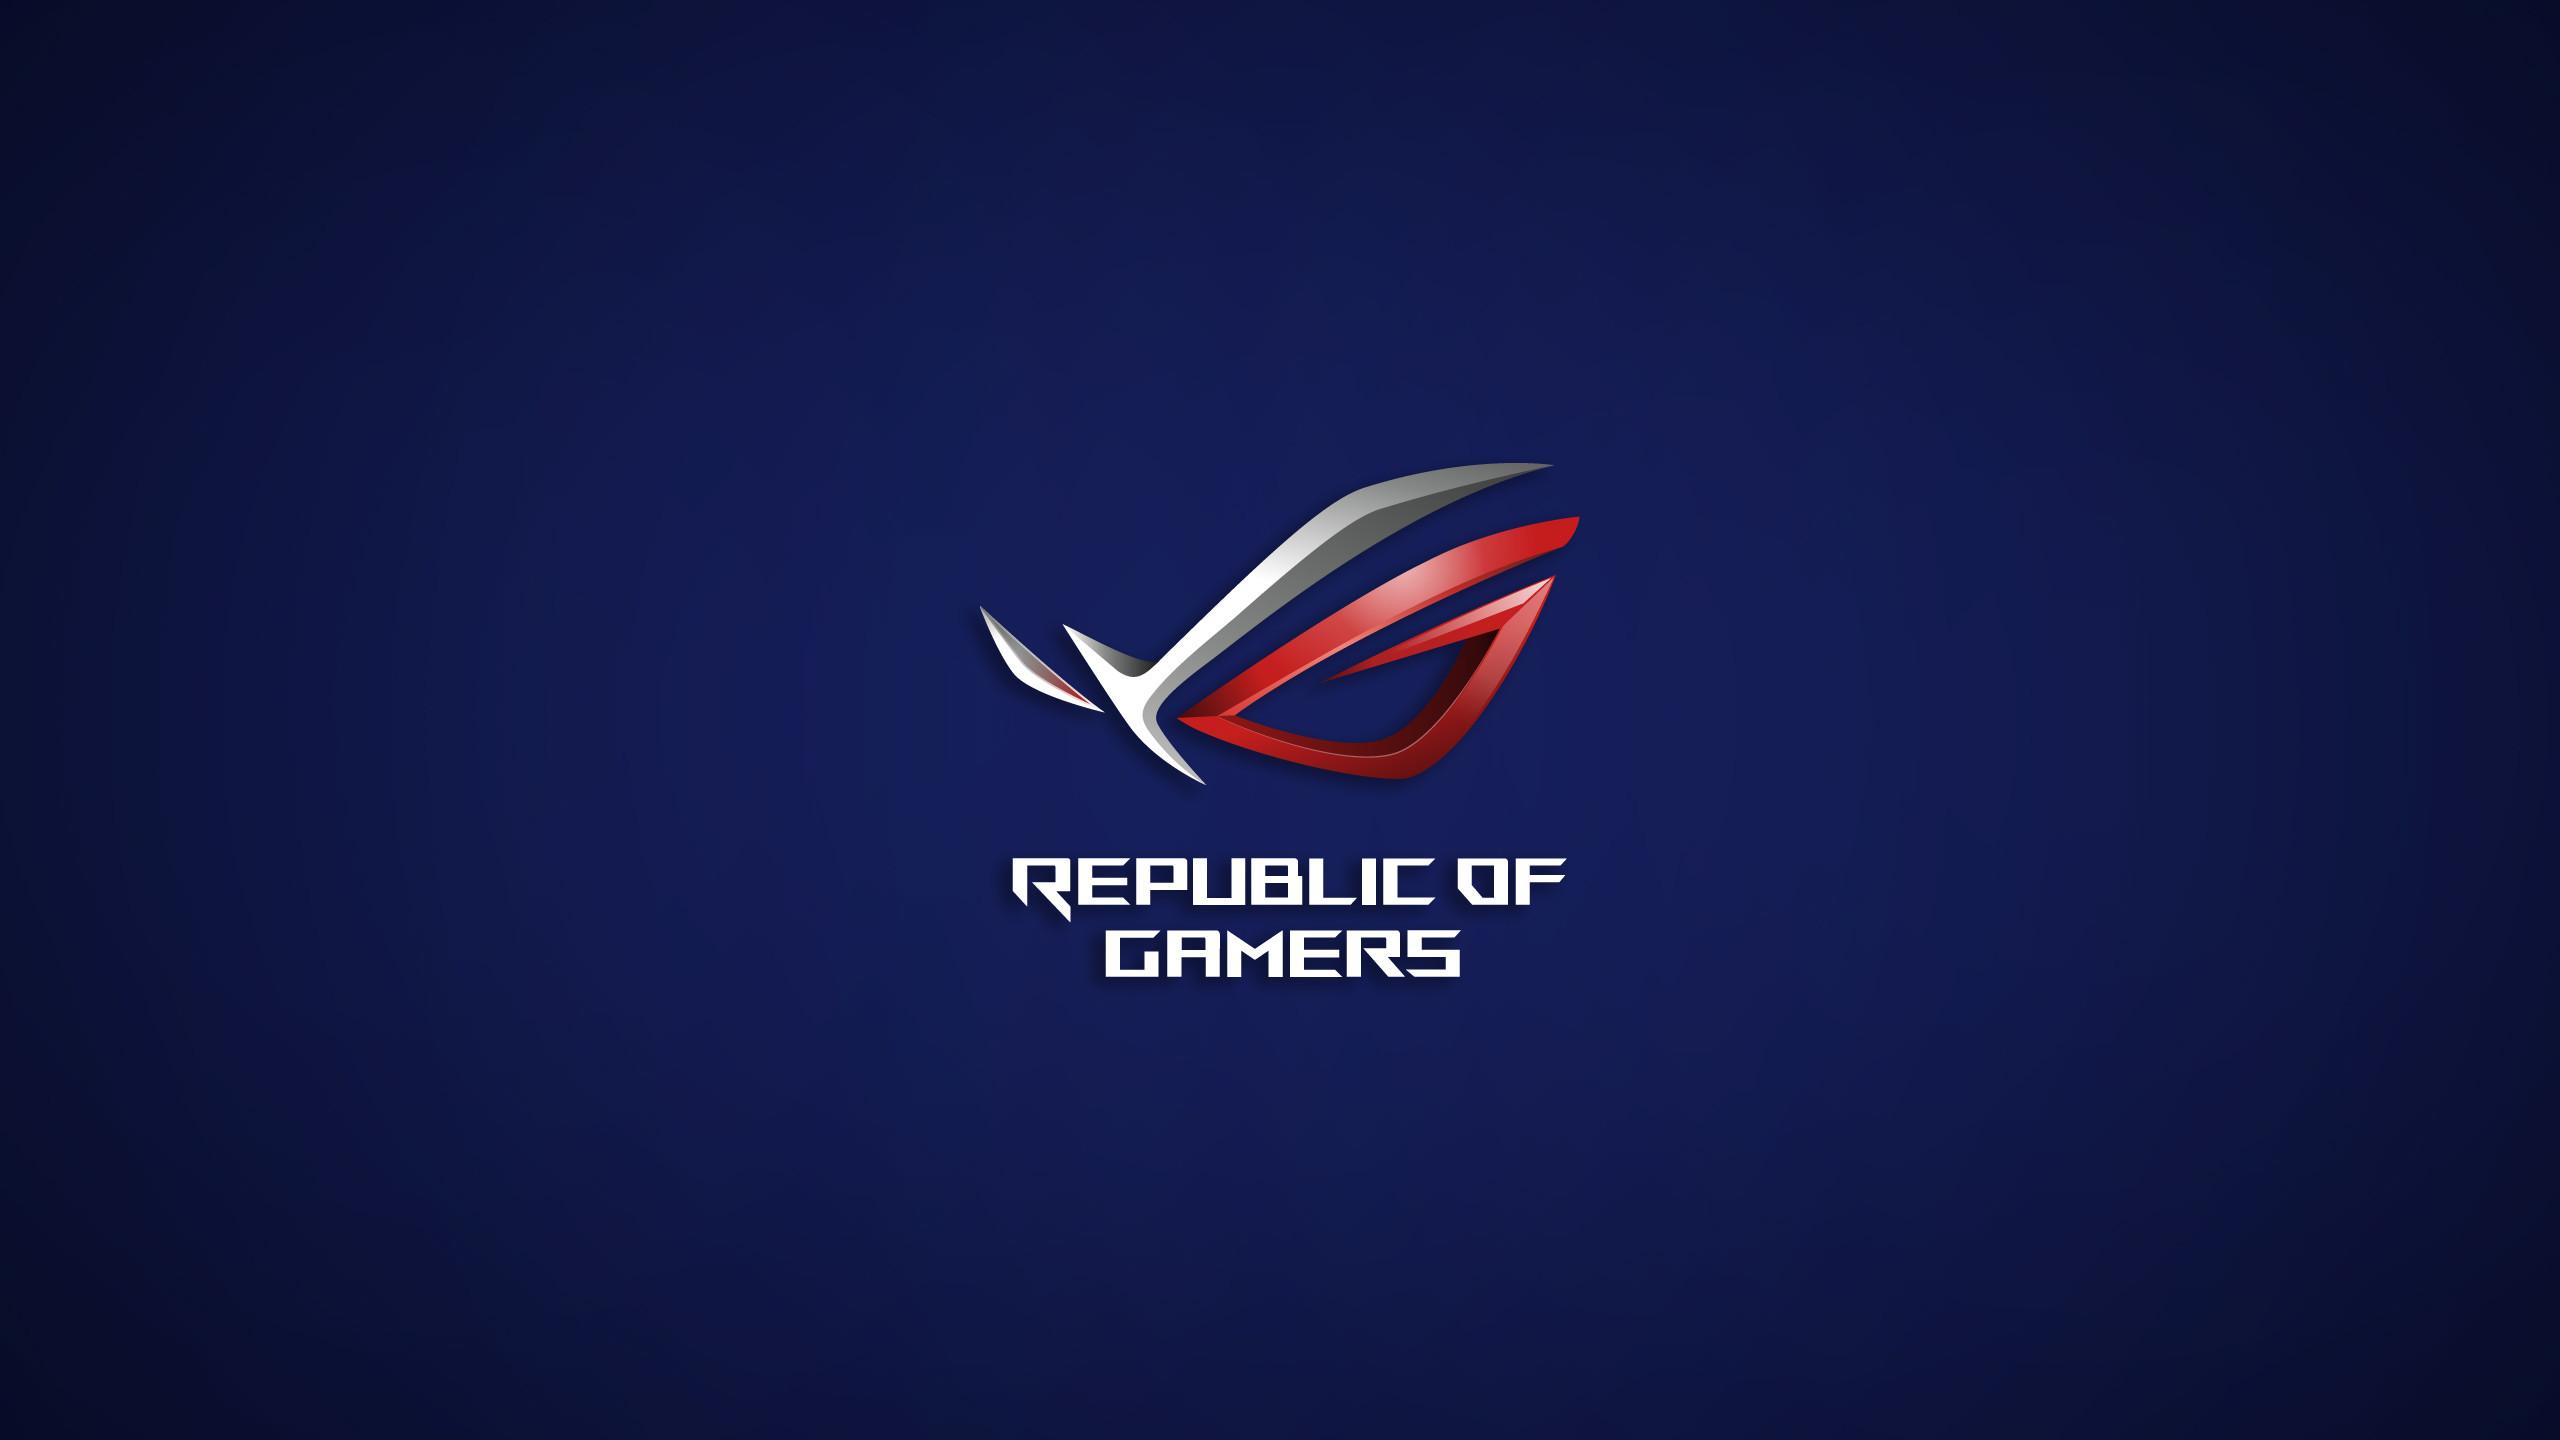 ROG ASUS Republic of Gamers